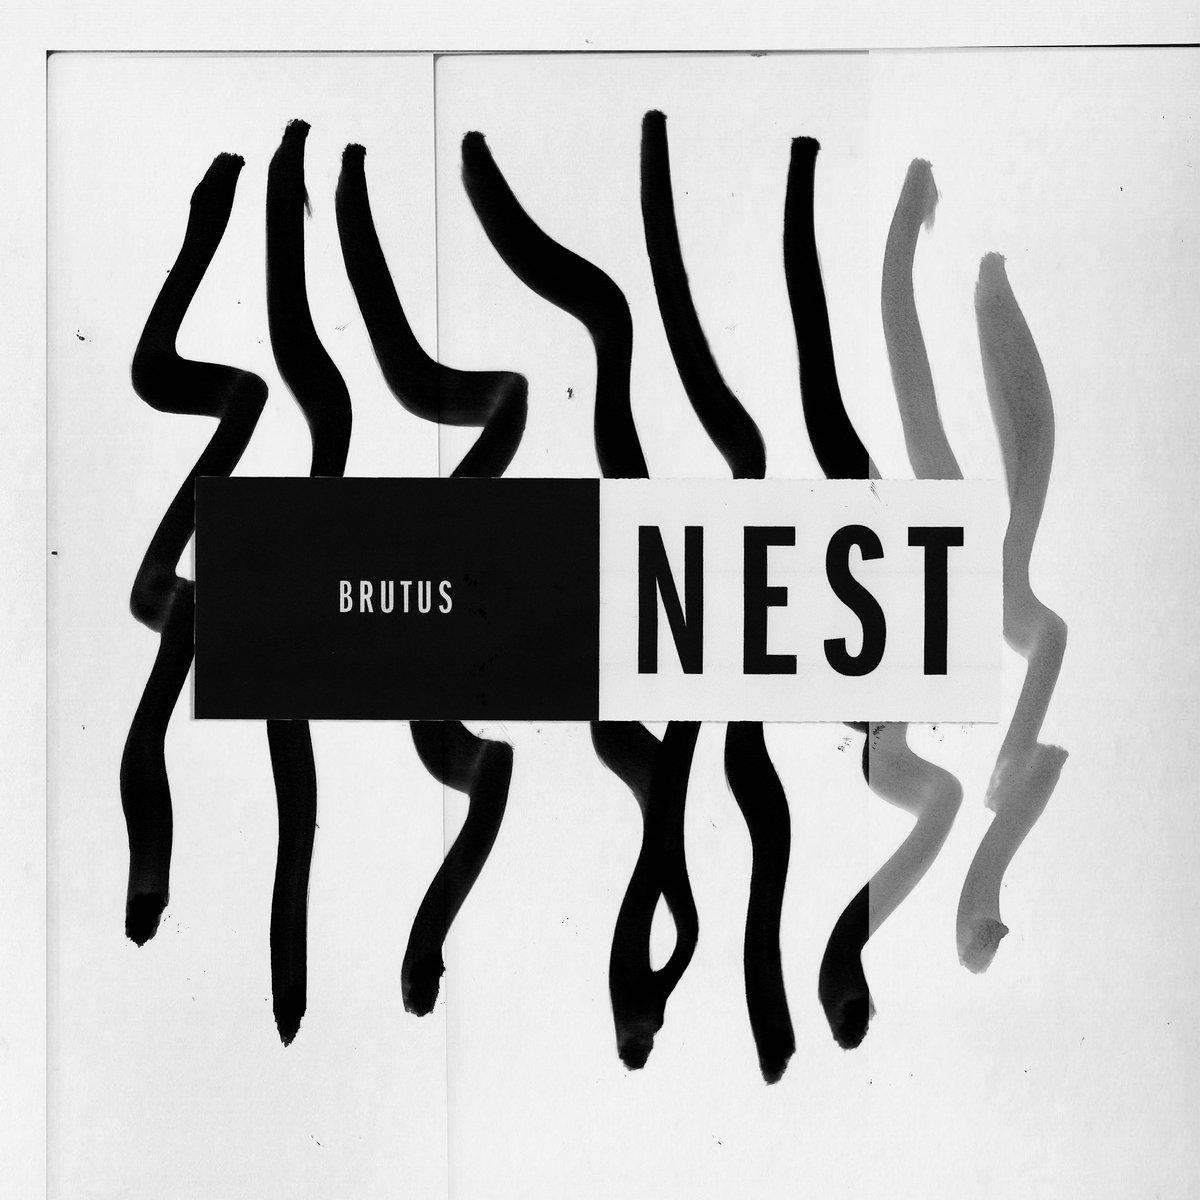 Brutus Nest Chronique